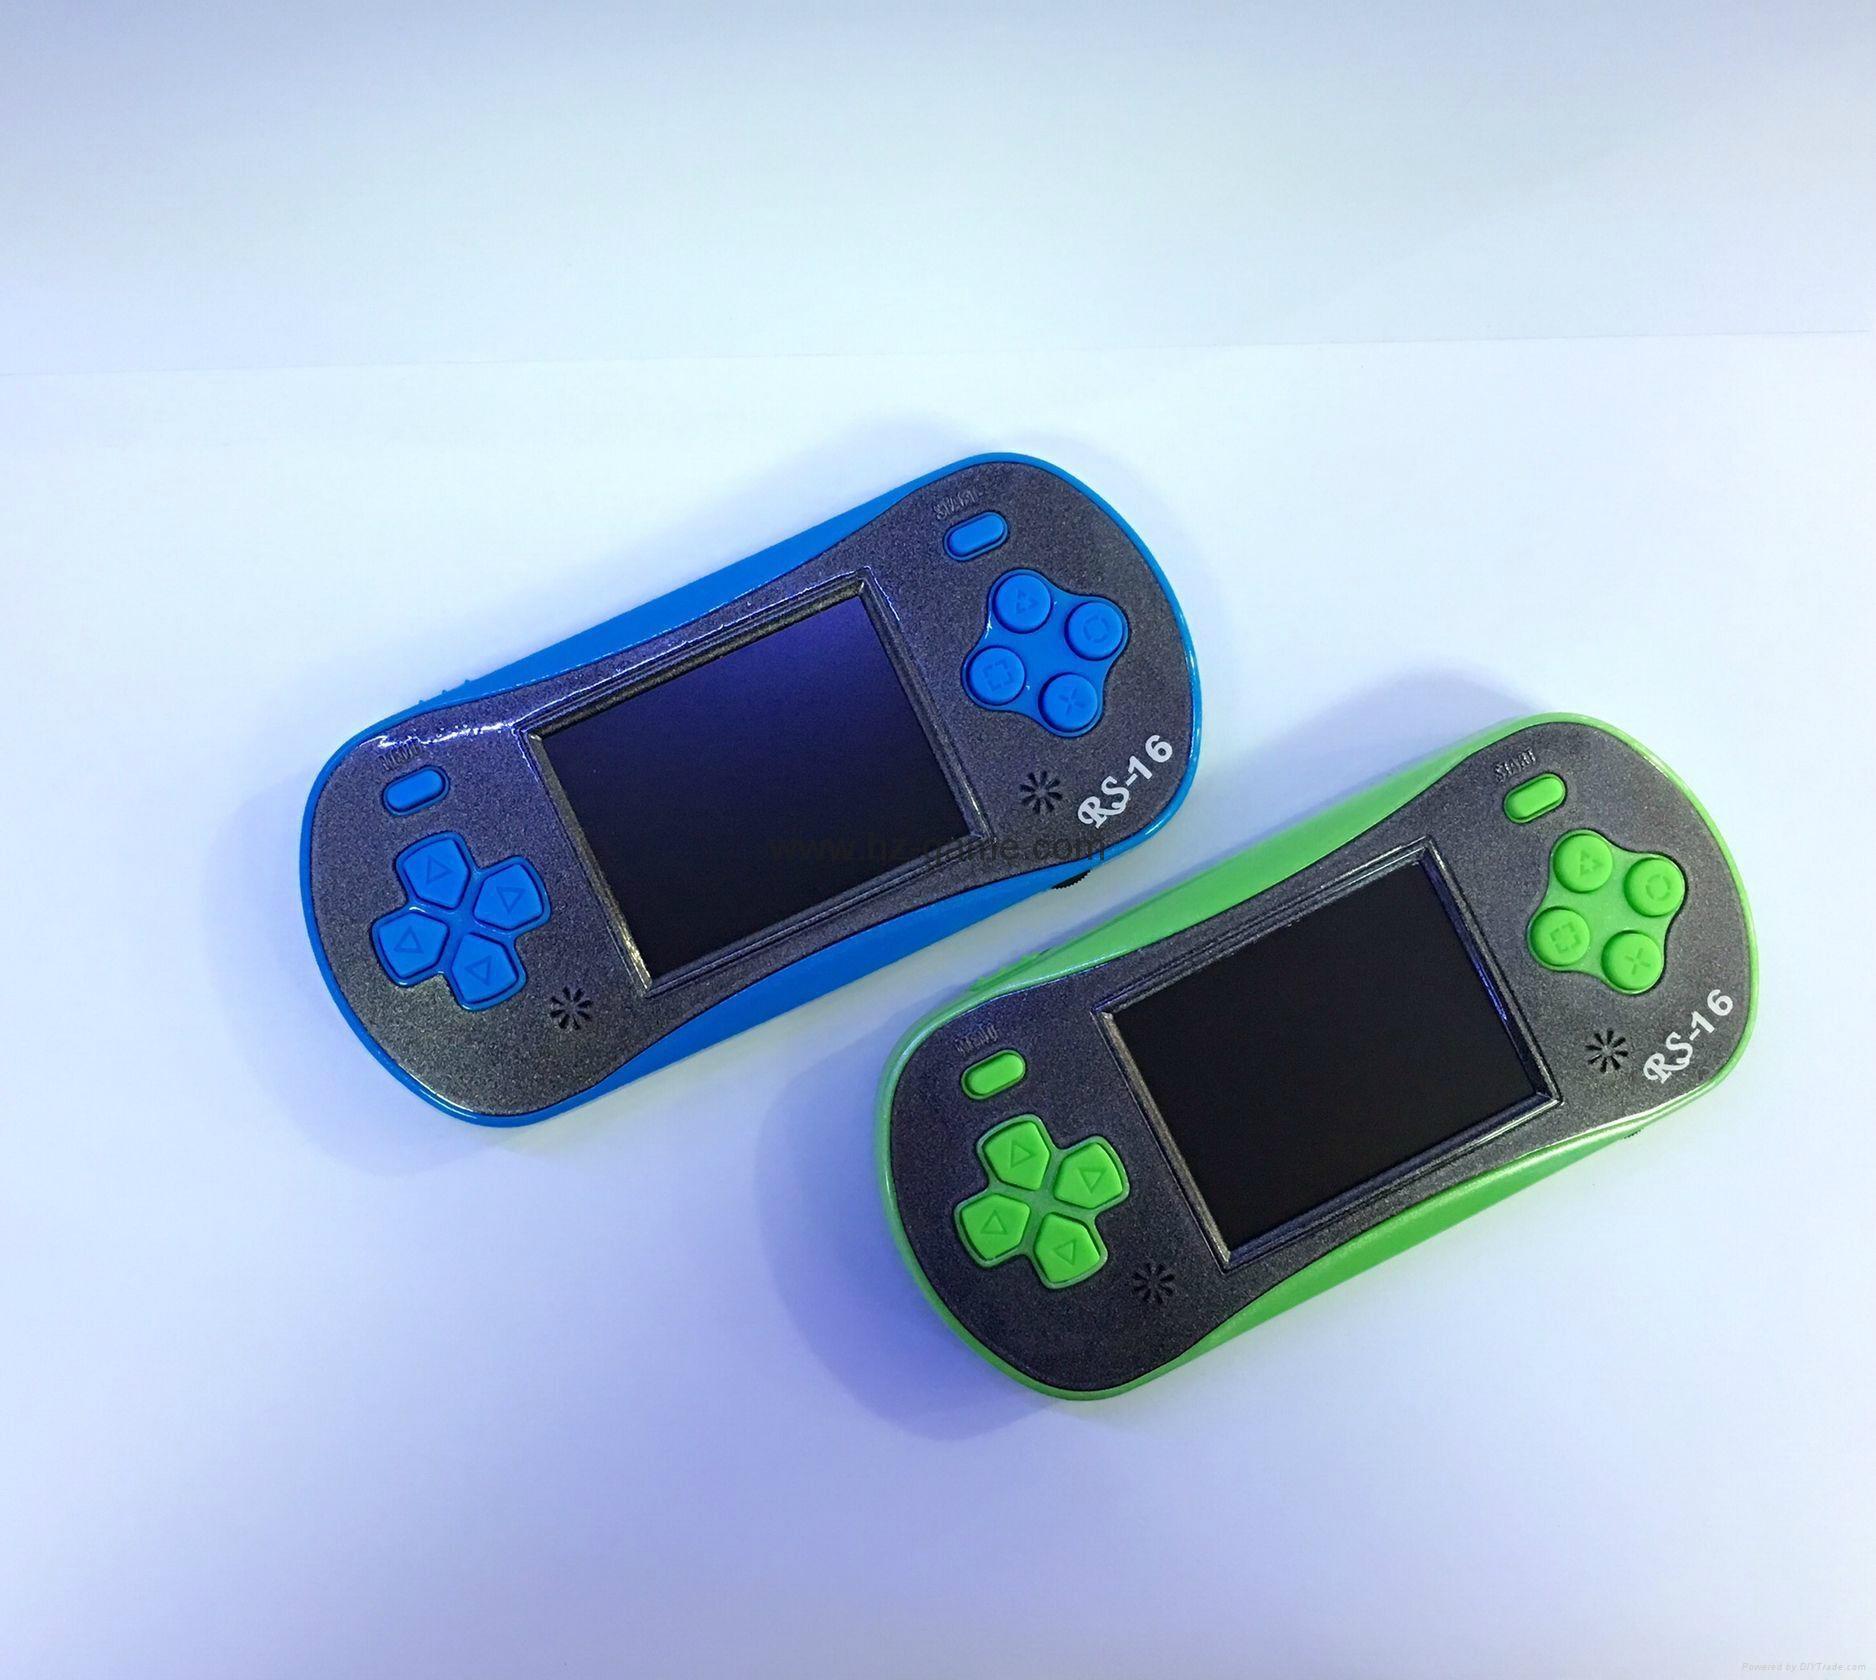 RS16游戏机儿童掌上游戏机内置260个游戏NESFC红白机PVPPXP3 9